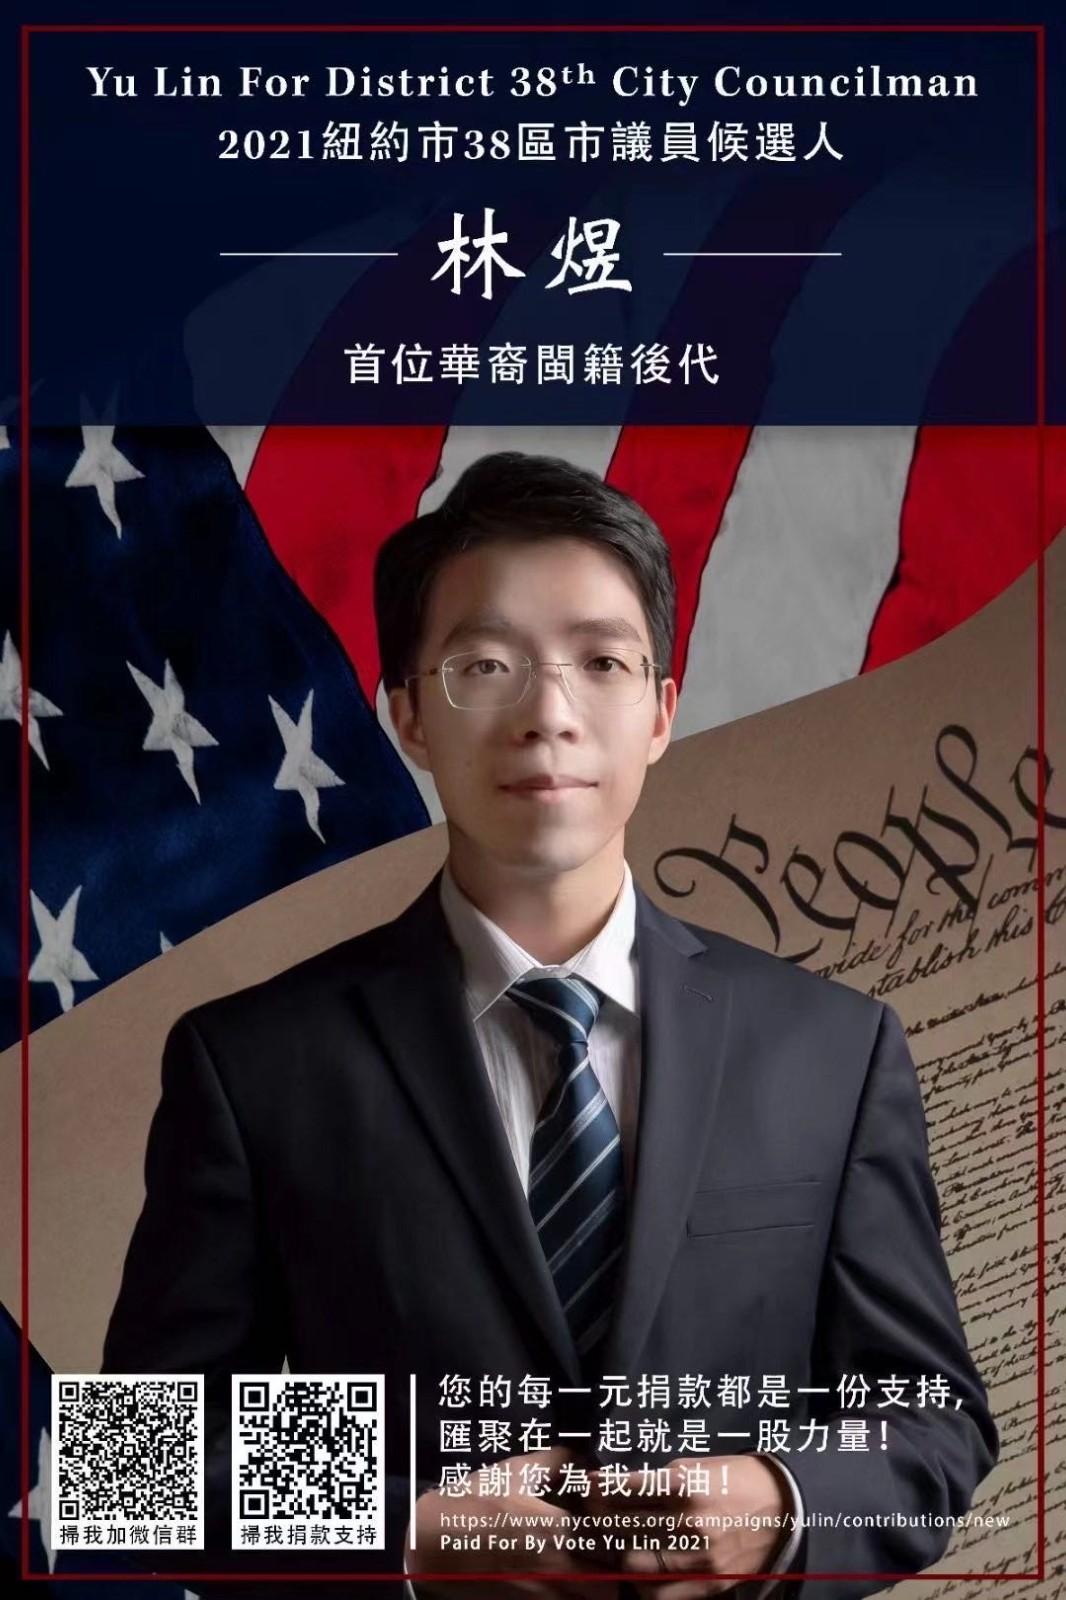 閩籍子弟林煜參选紐約市38区市议员_图1-1